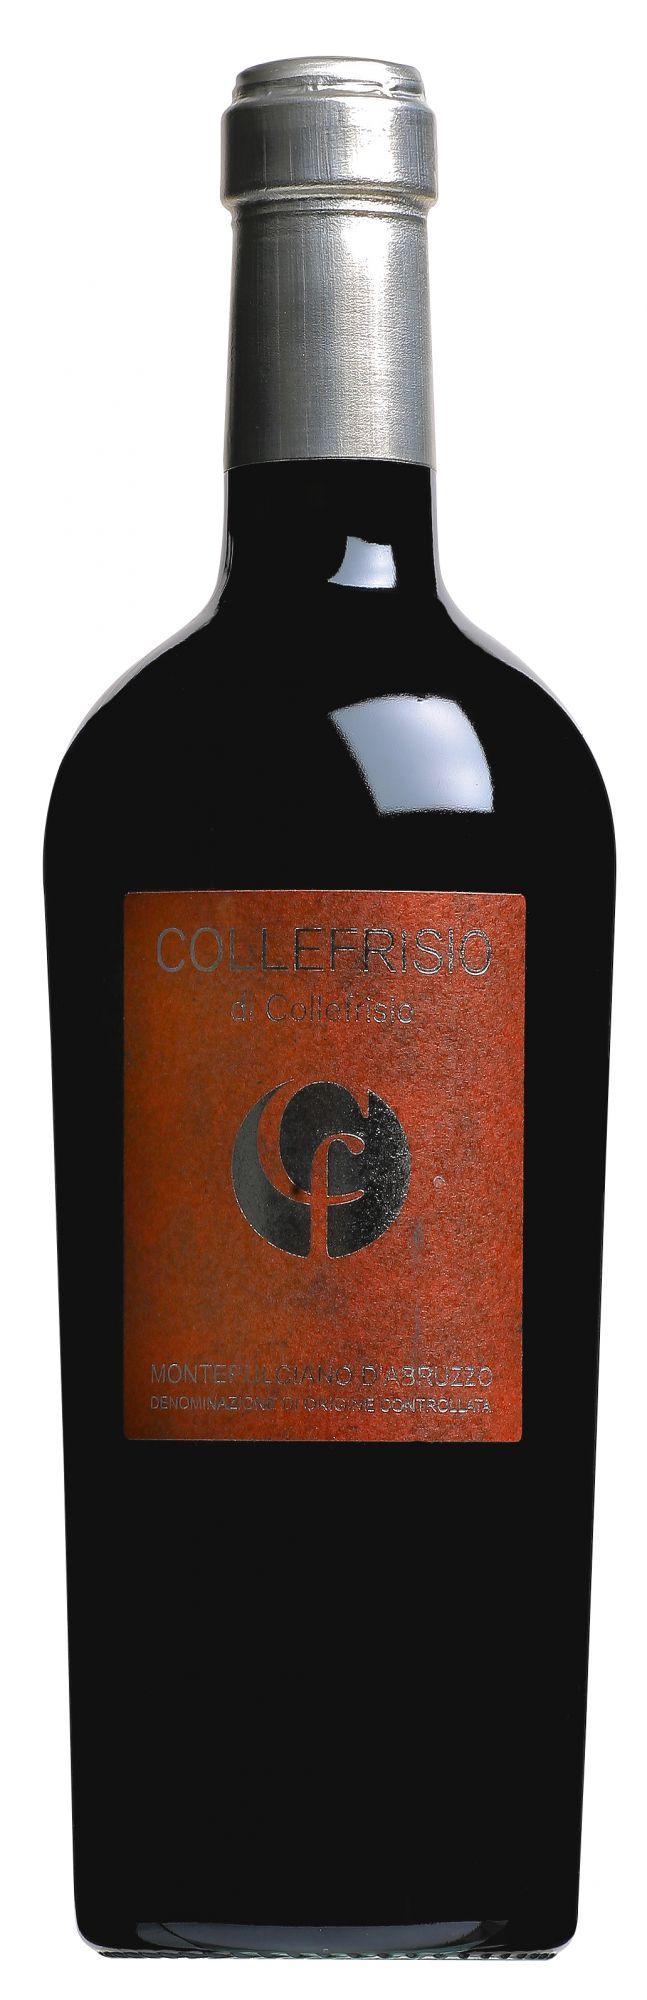 Collefrisio di Collefrisio Montepulciano d'Abruzzo Mathusalem (6 liter)